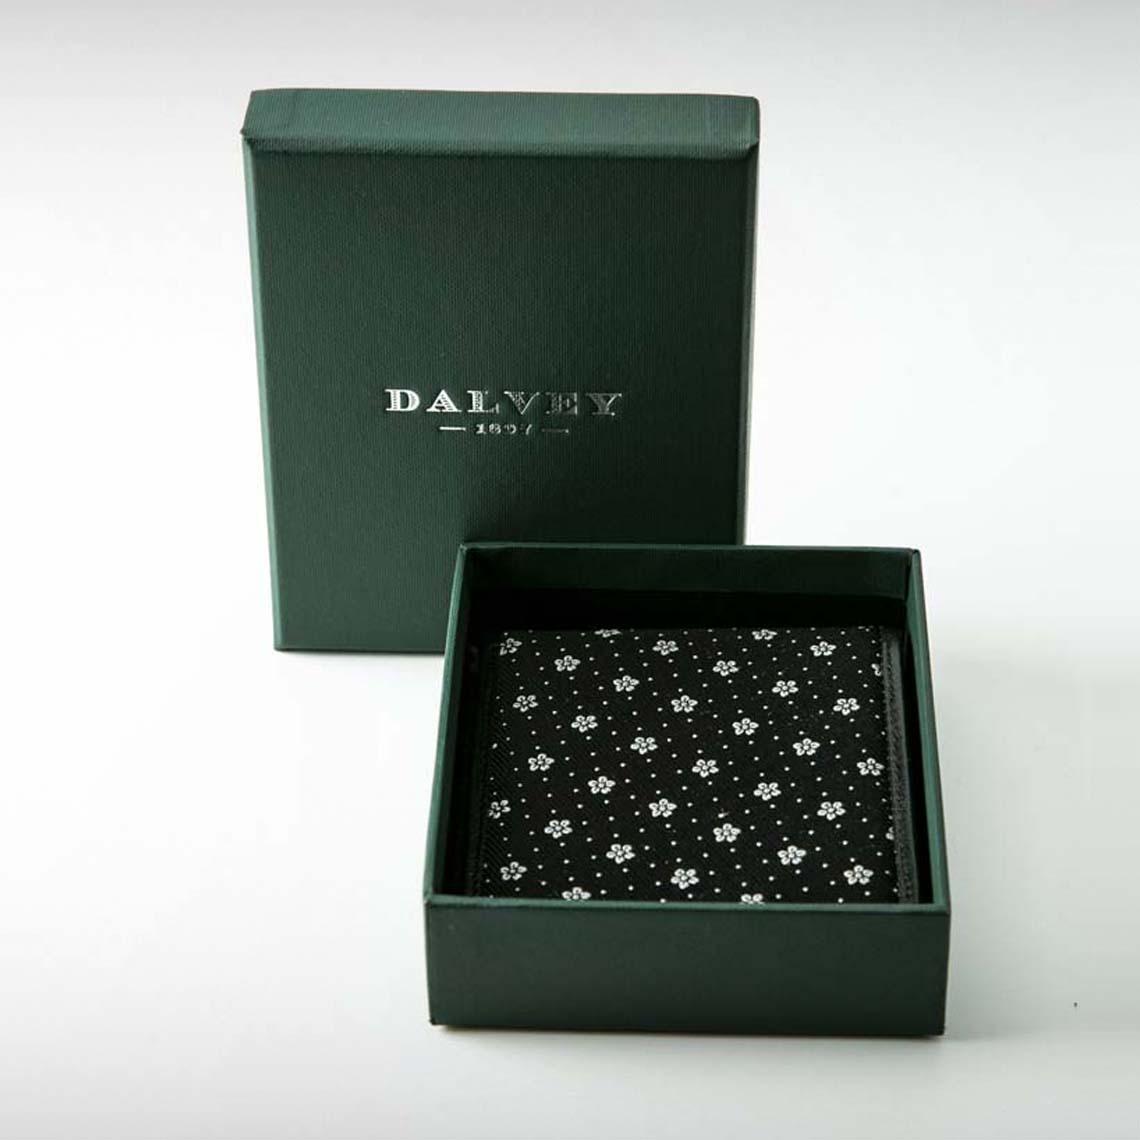 Dalvey Black Bi- Fold Wallet